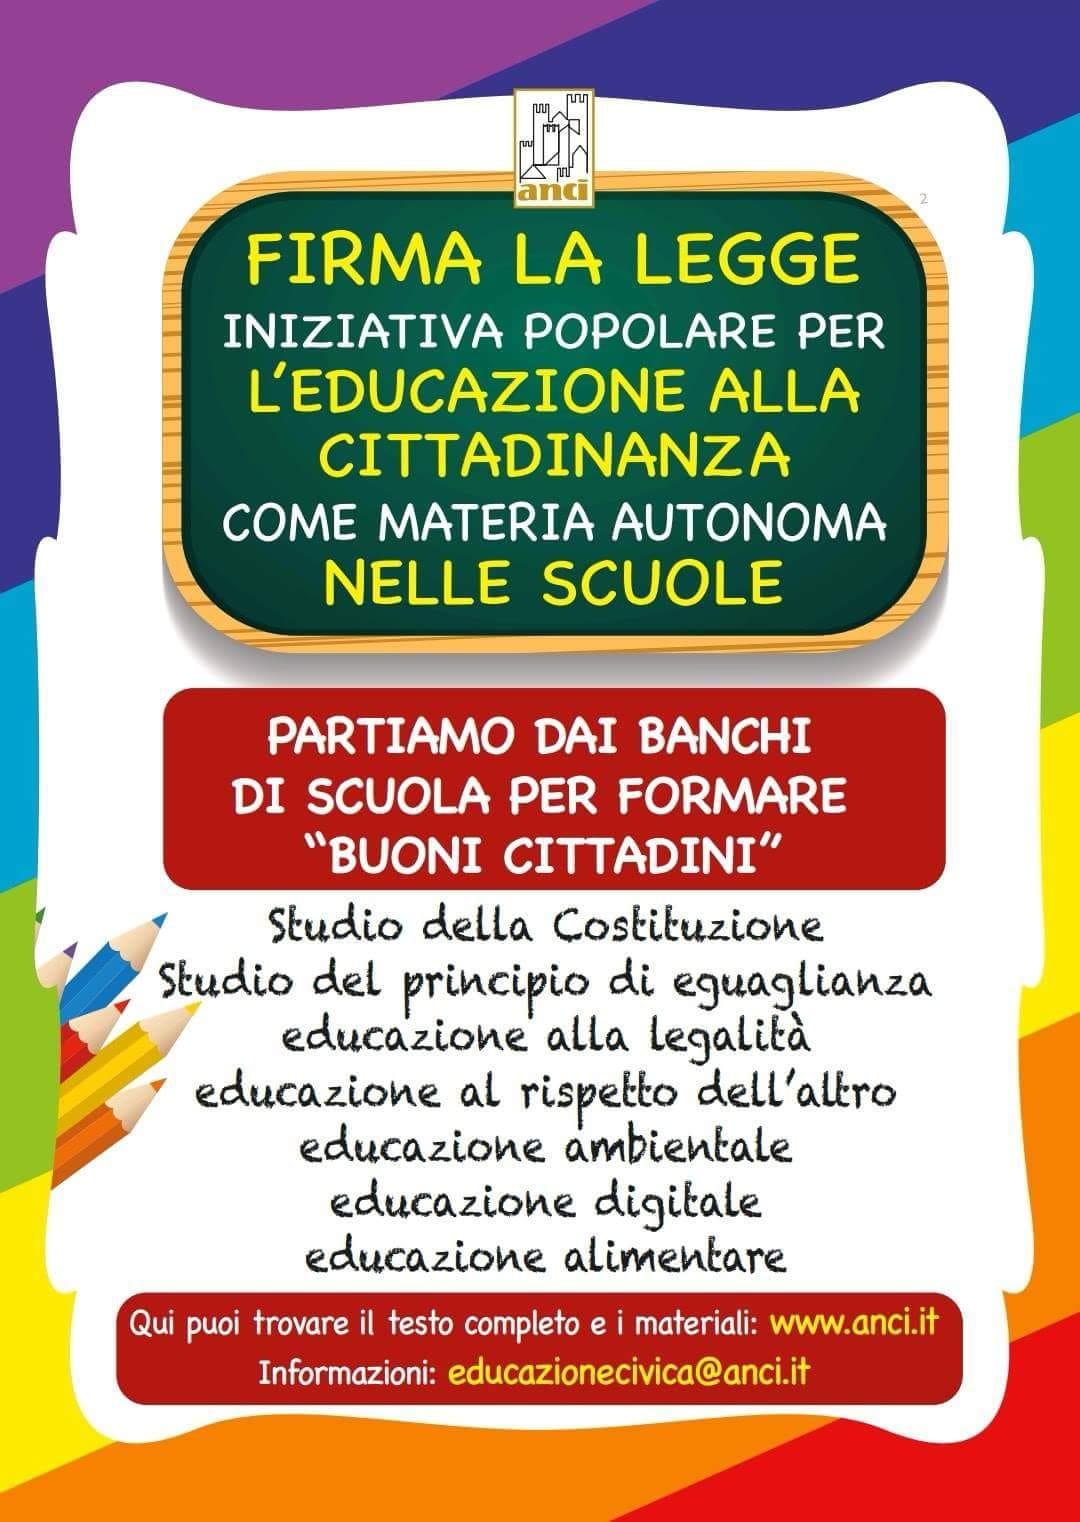 Raccolta firme per insegnare civismo nelle scuole